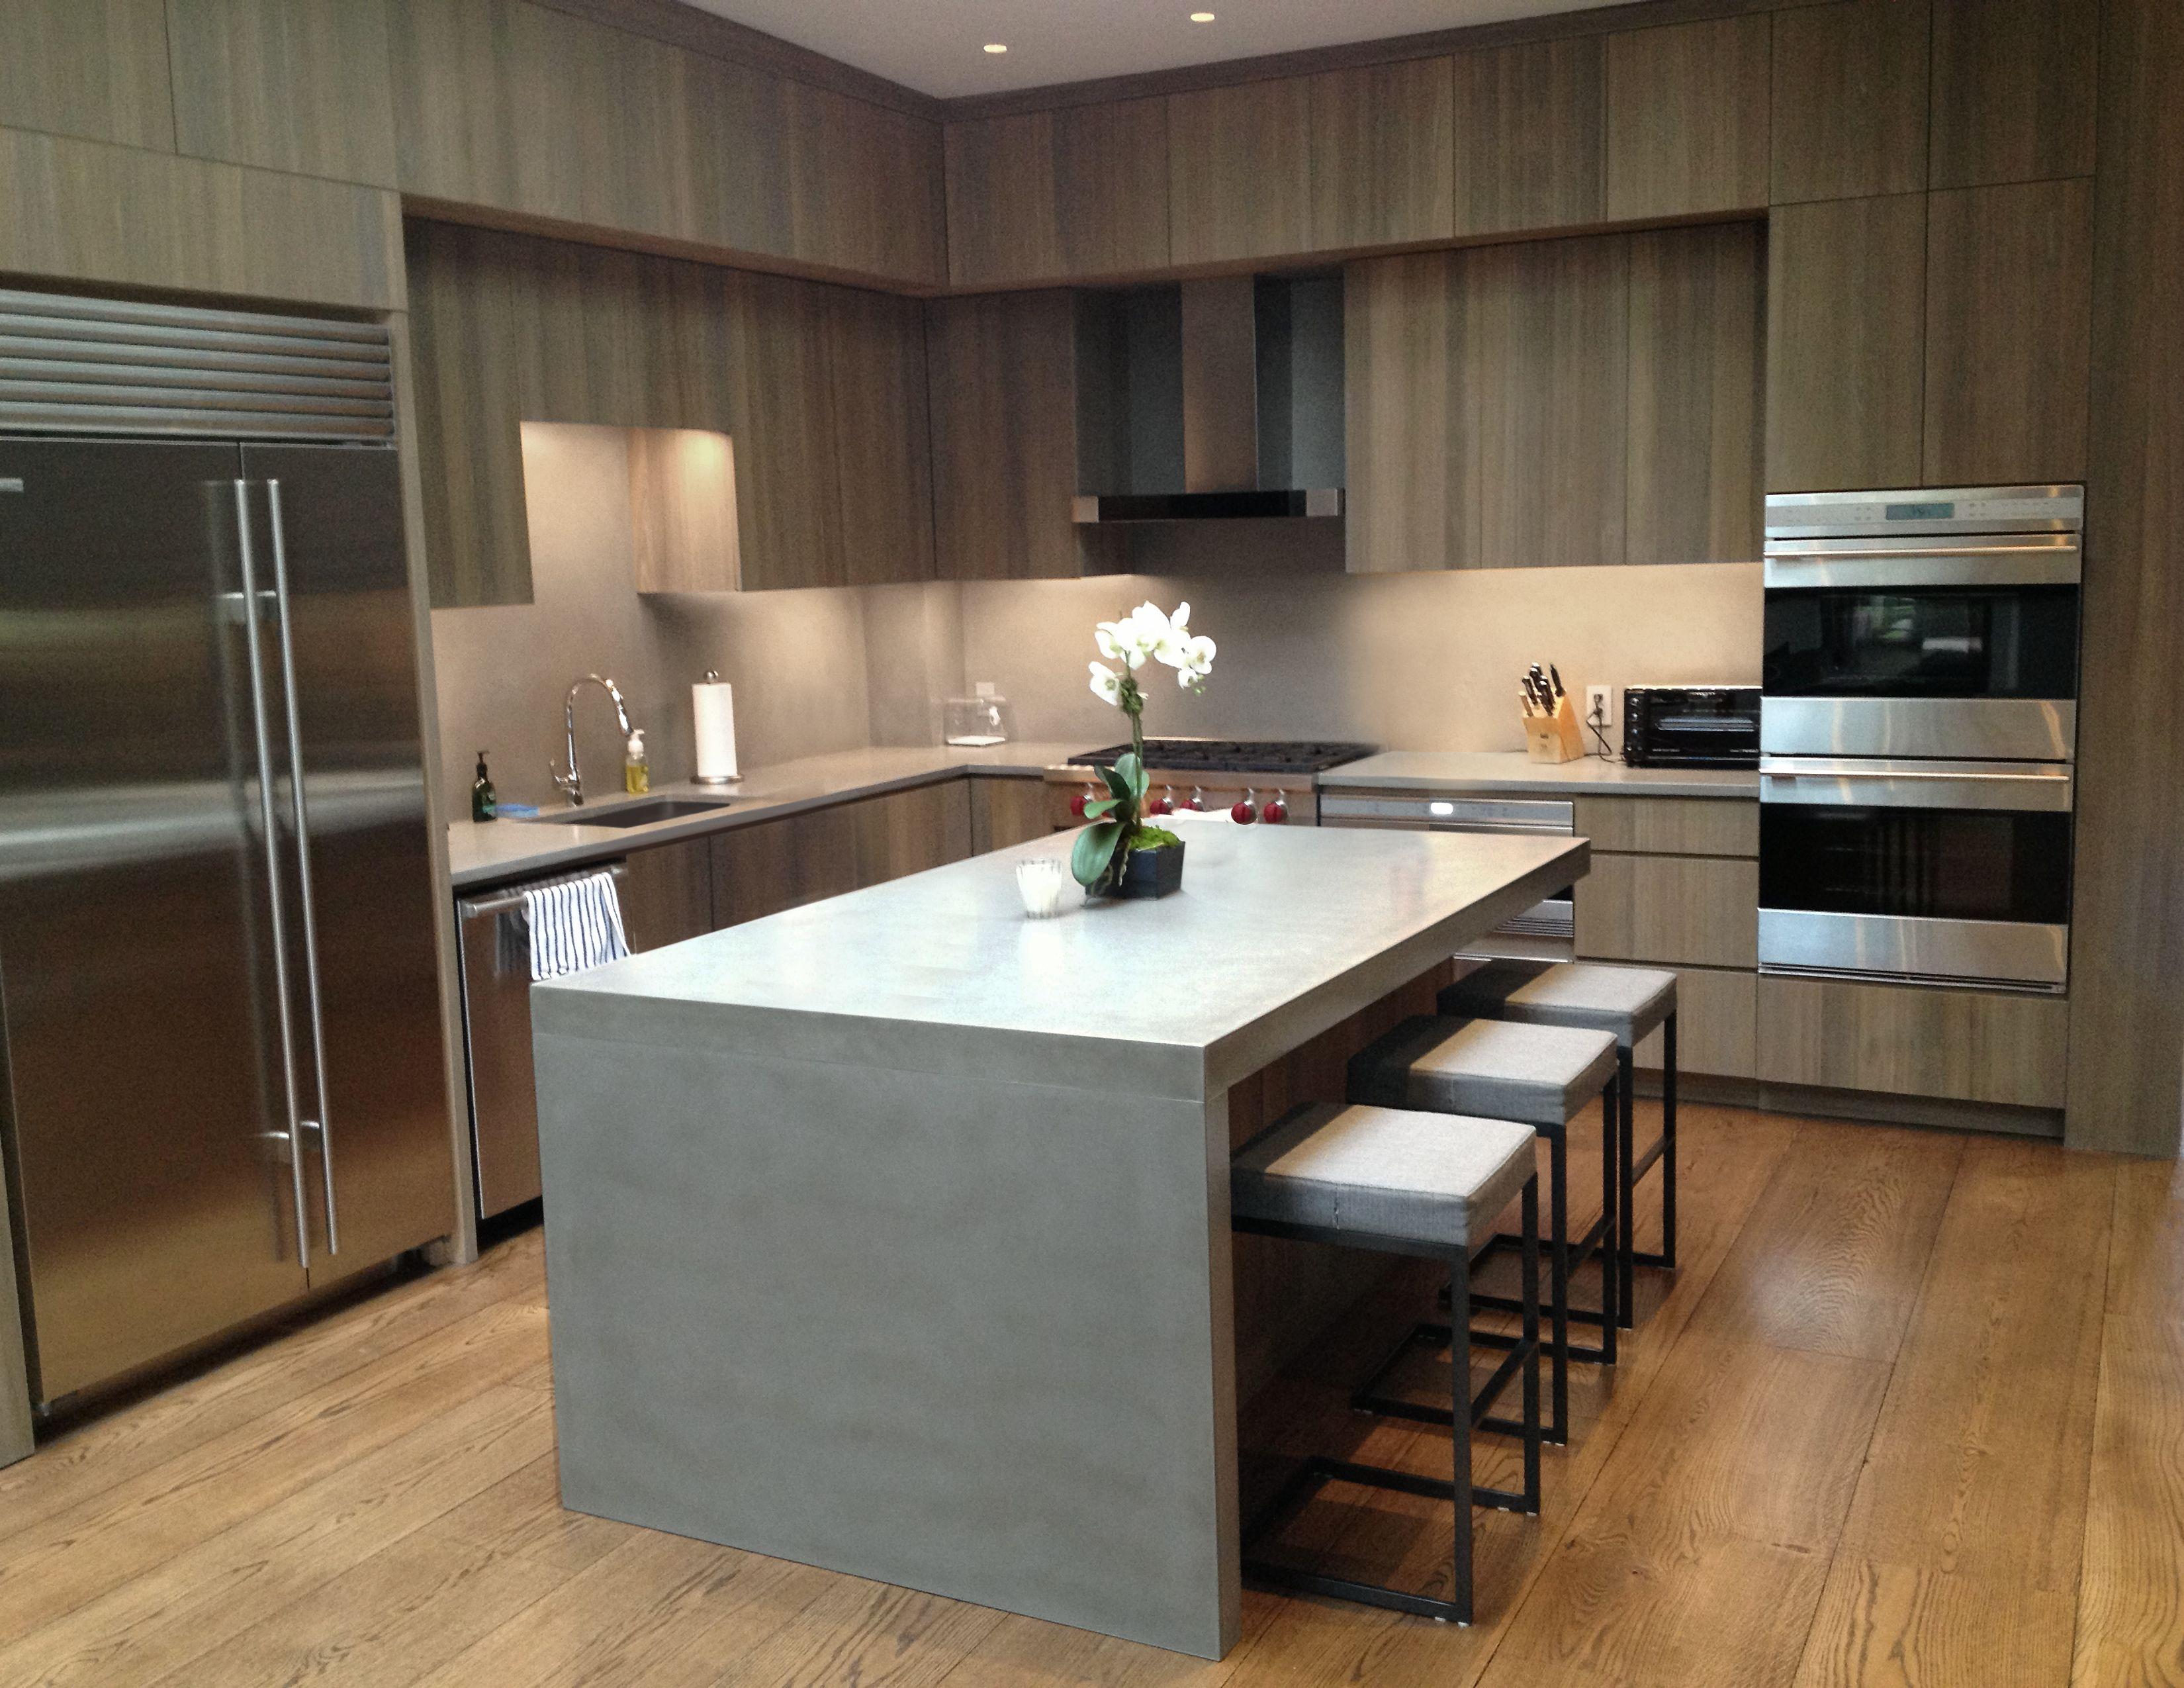 Concrete Kitchen Countertop Ideas Part - 42: Contemporary Concrete Kitchen Countertop By Trueform Concrete.